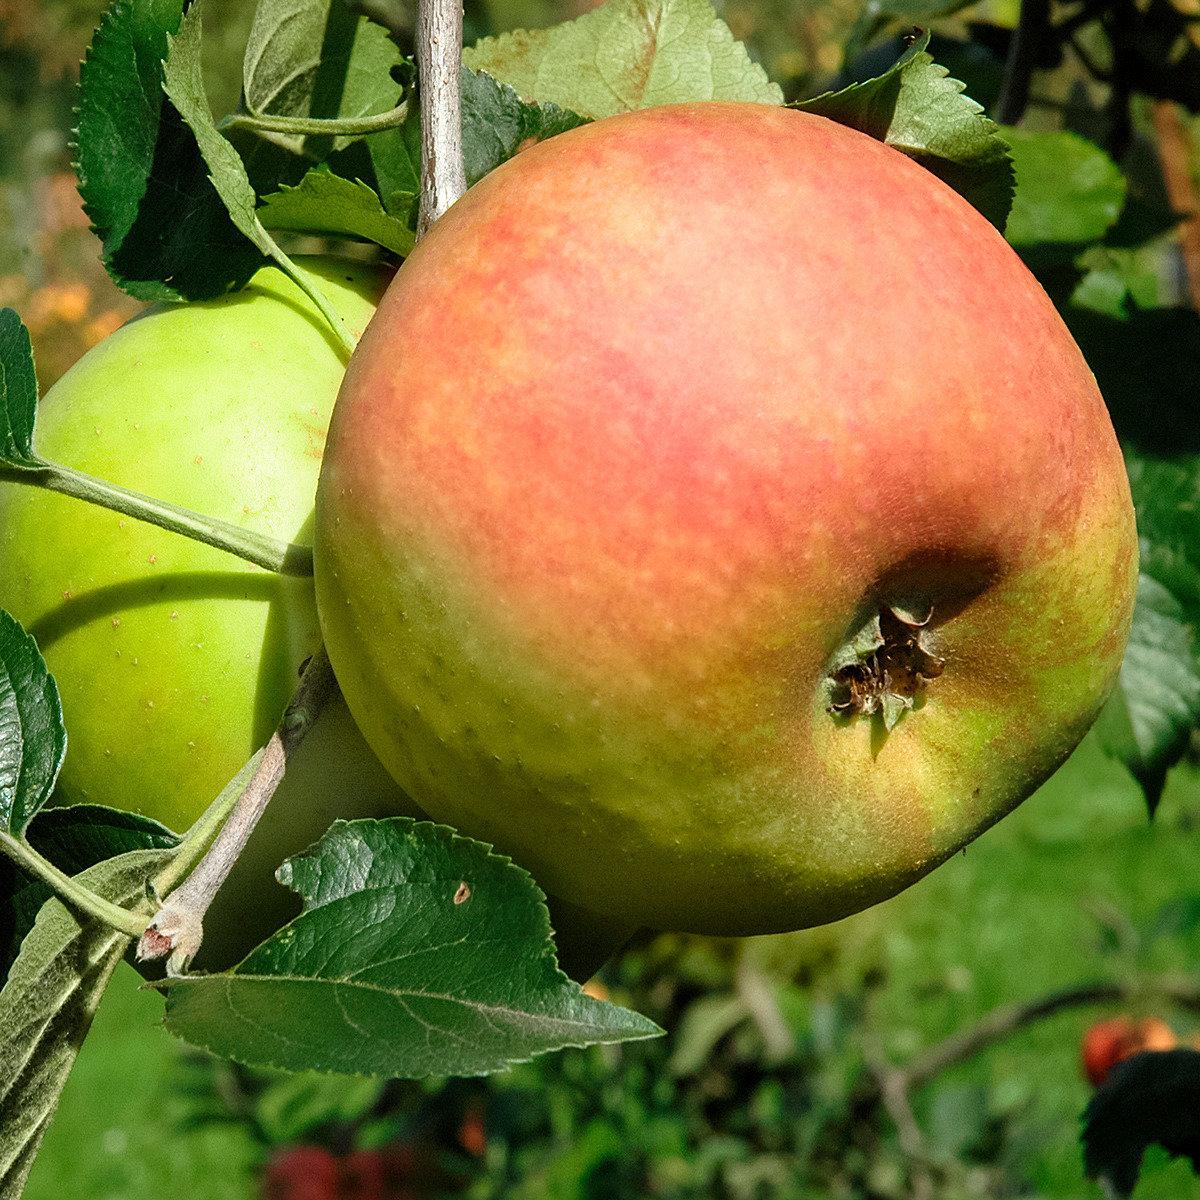 Apfel Goldrenette von Blenheim, 2-jährig